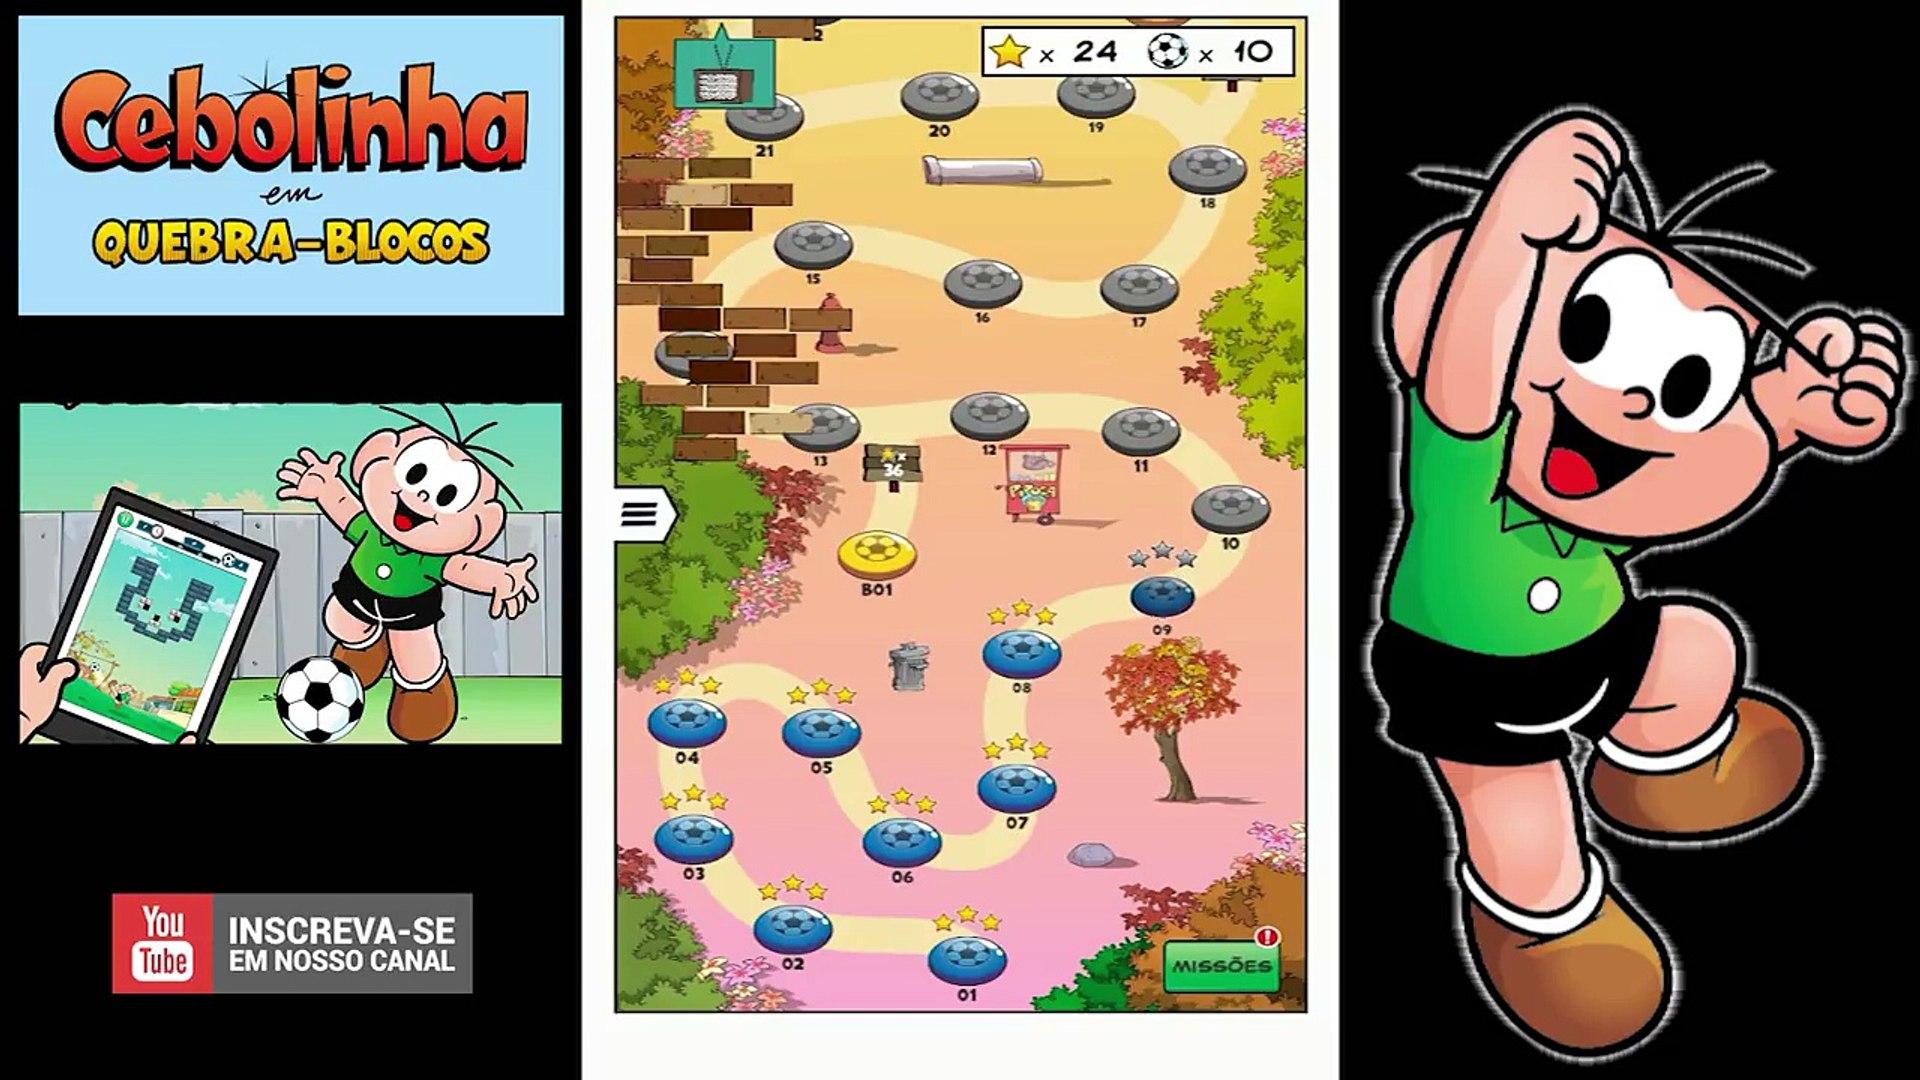 Cebolinha ⚽ Quebra-blocos ⚽ Gameplay Android ⚽